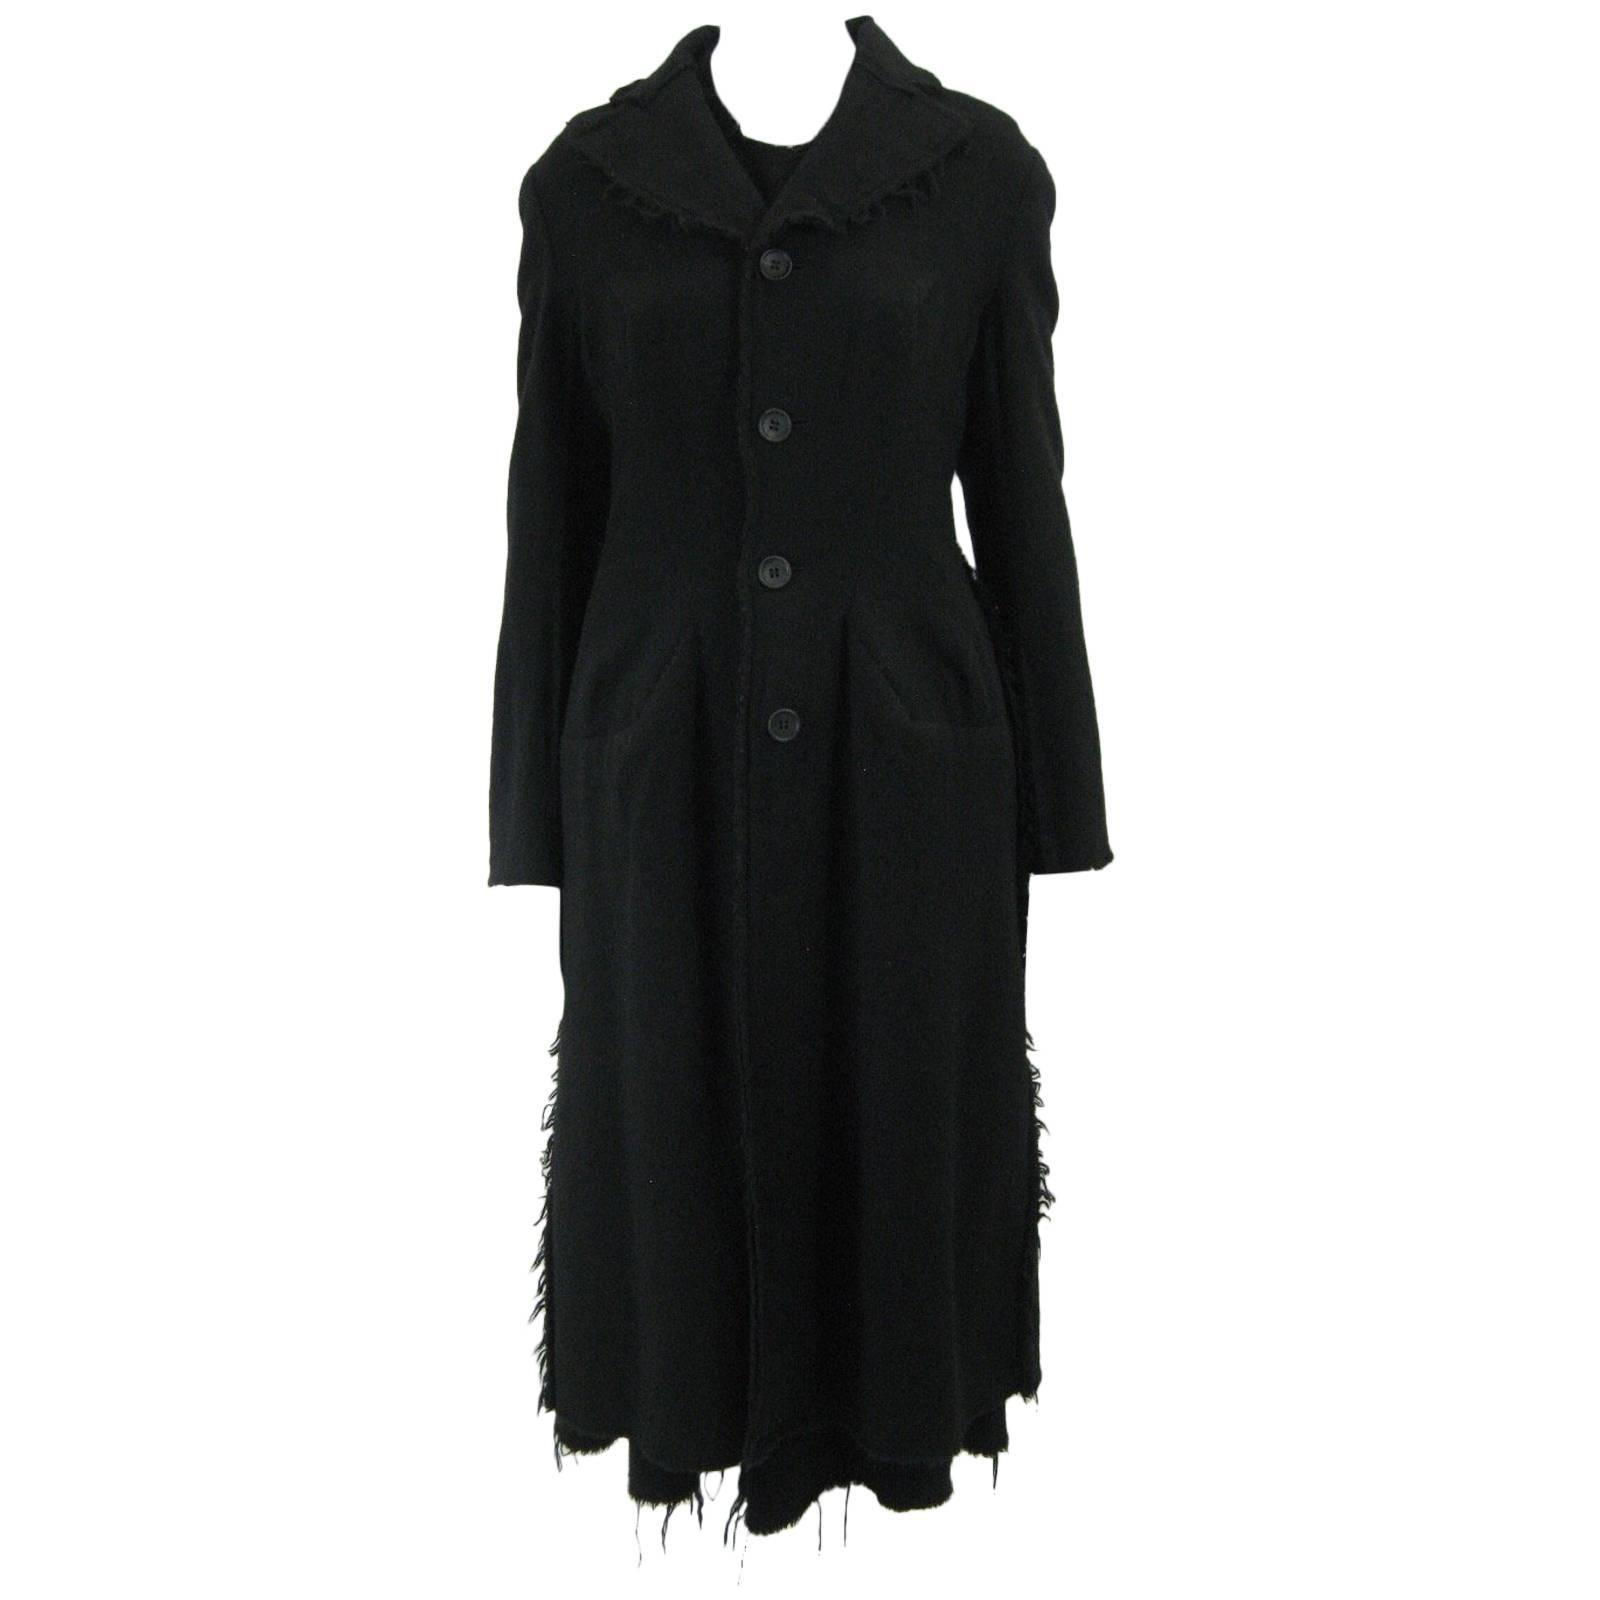 Junya Watanabe for Comme des Garcons 2003 Frayed Hem Coat & Dress